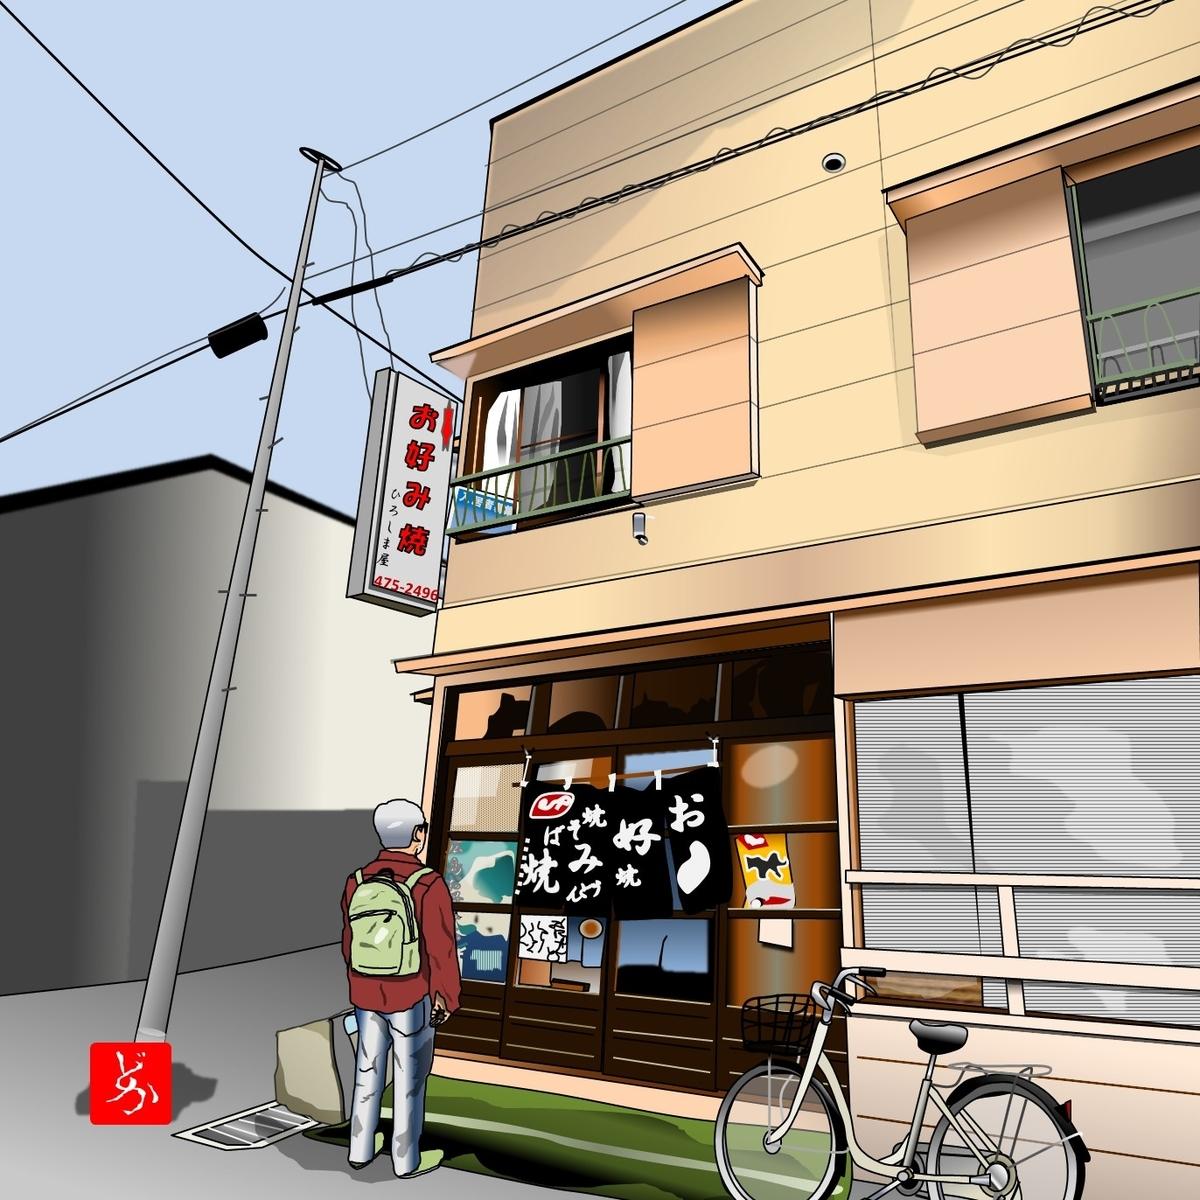 東久留米のお好み焼き屋「ひろしま屋」のエクセル画イラスト